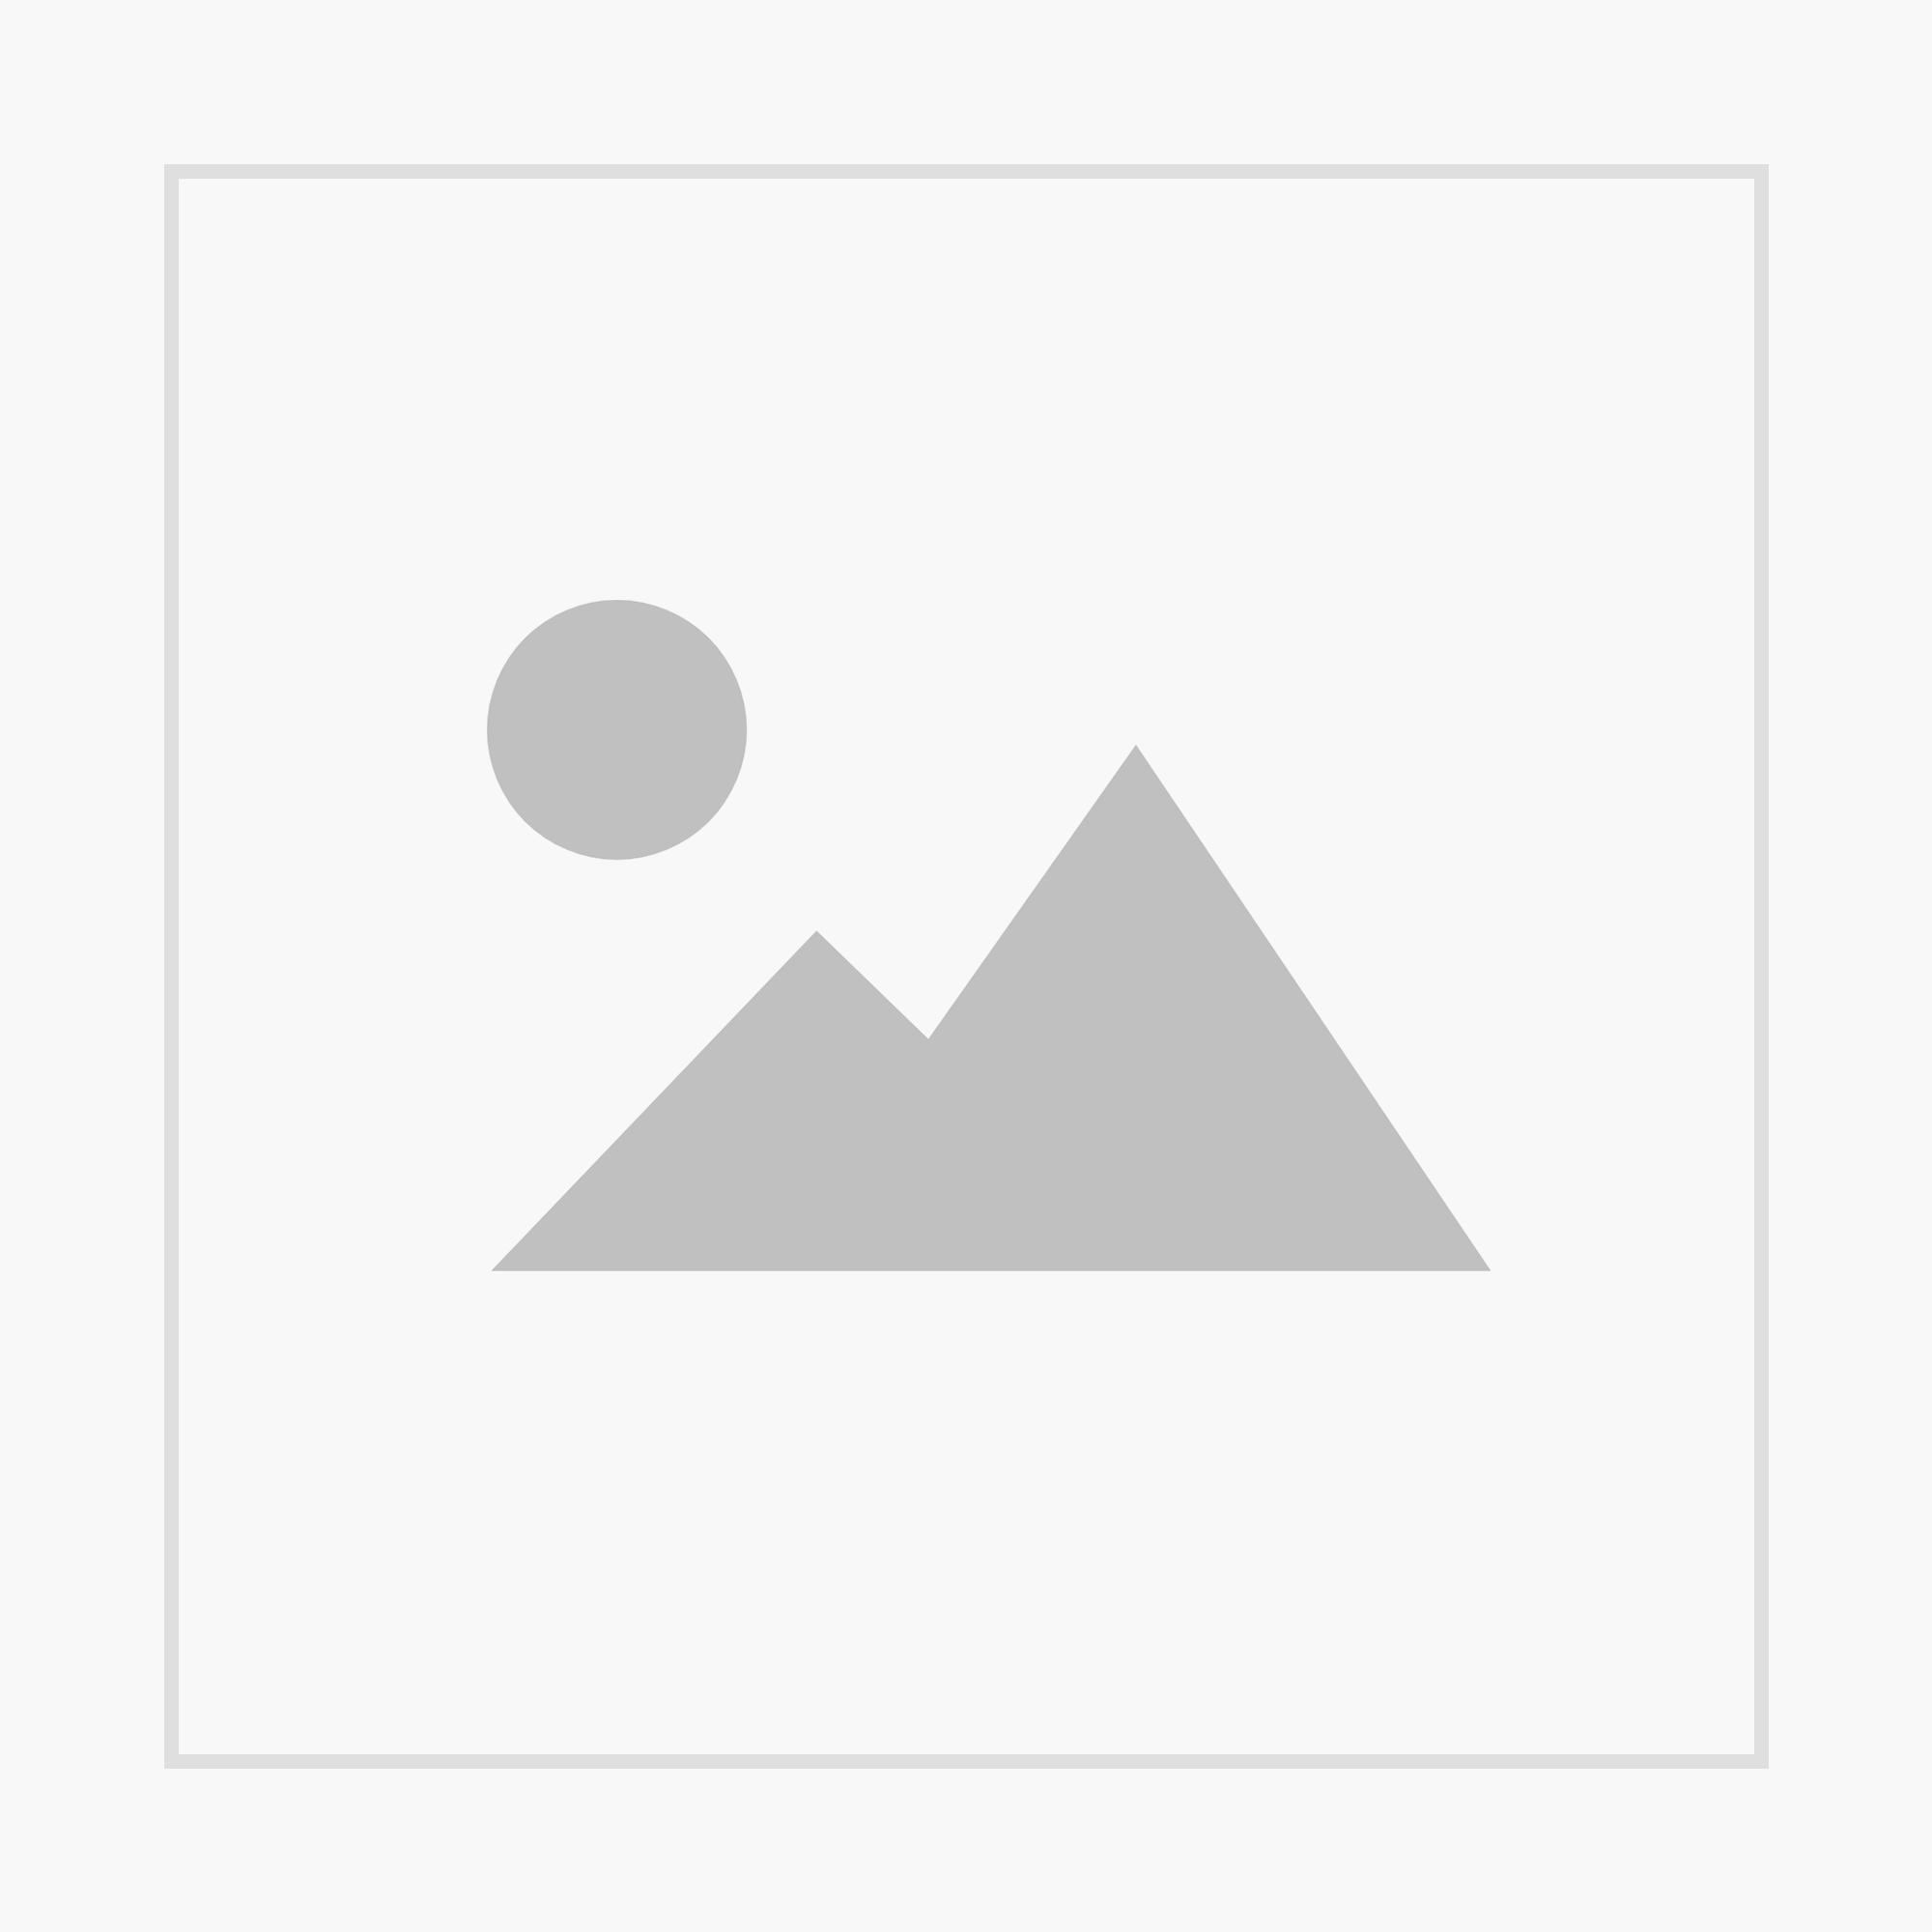 Ticket: Flow Instagram Coaching - Bullet Journaling